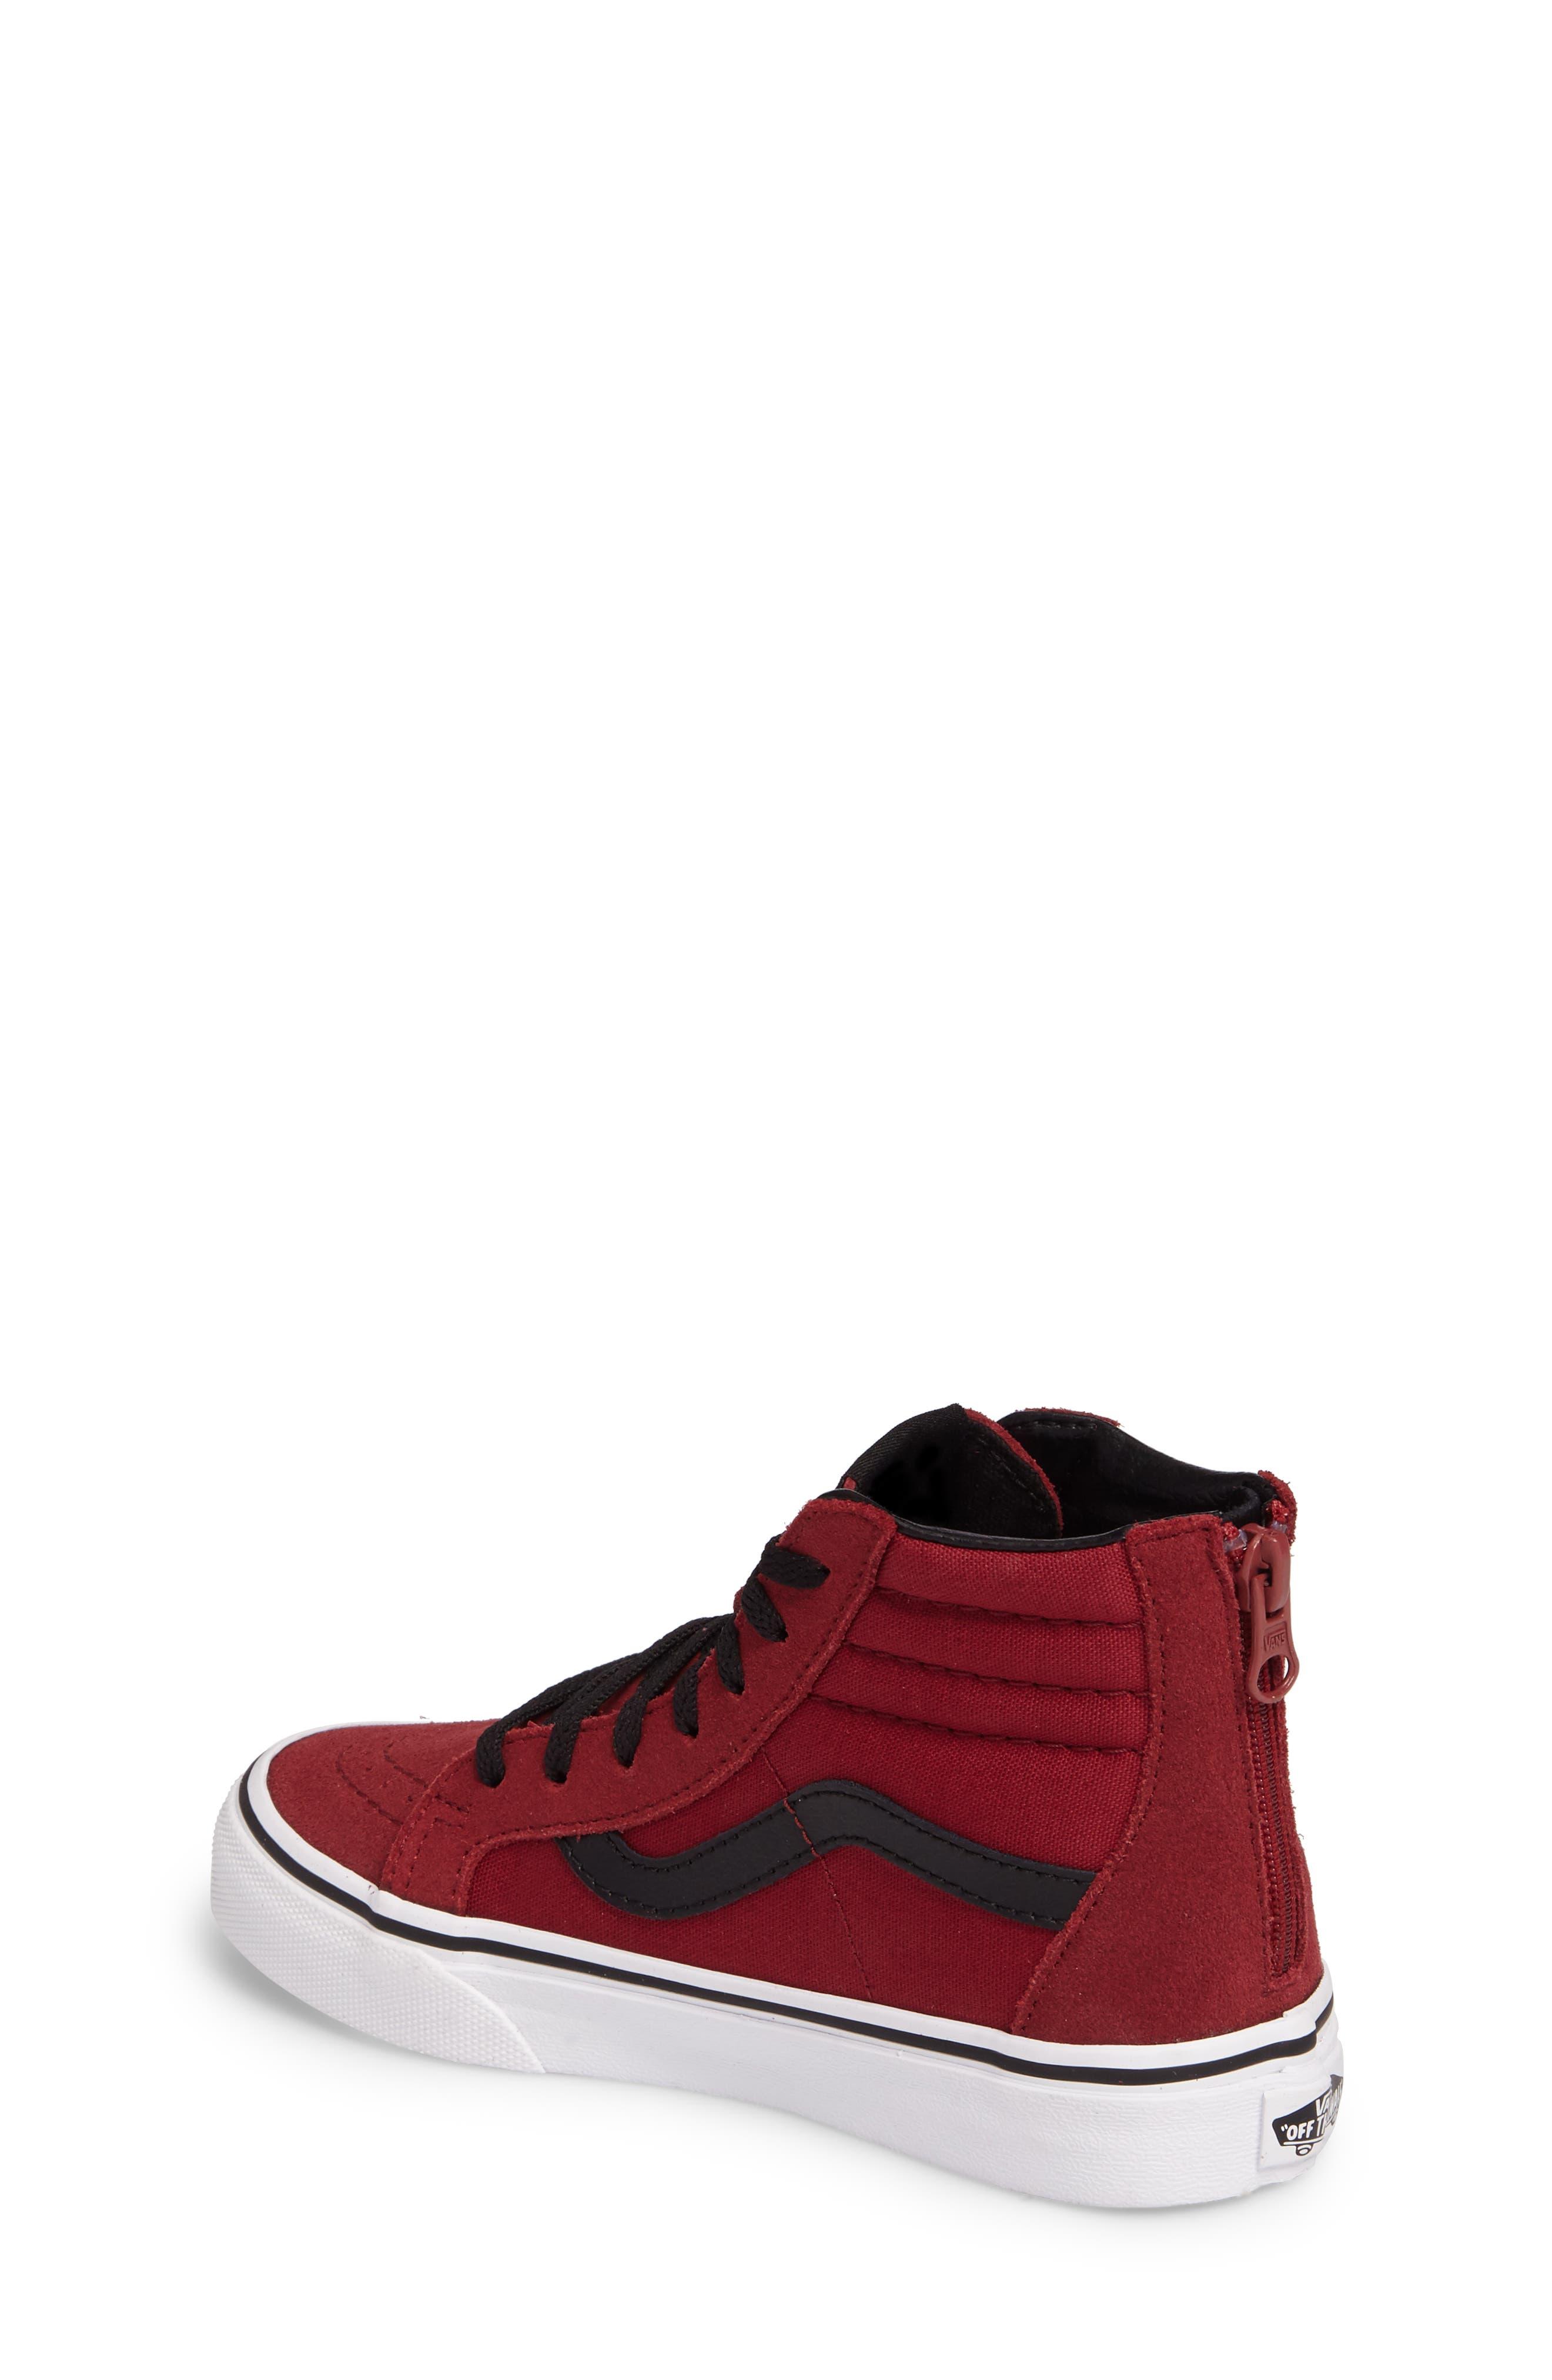 SK8-Hi Zip Sneaker,                             Alternate thumbnail 2, color,                             Tibetan Red/ Black